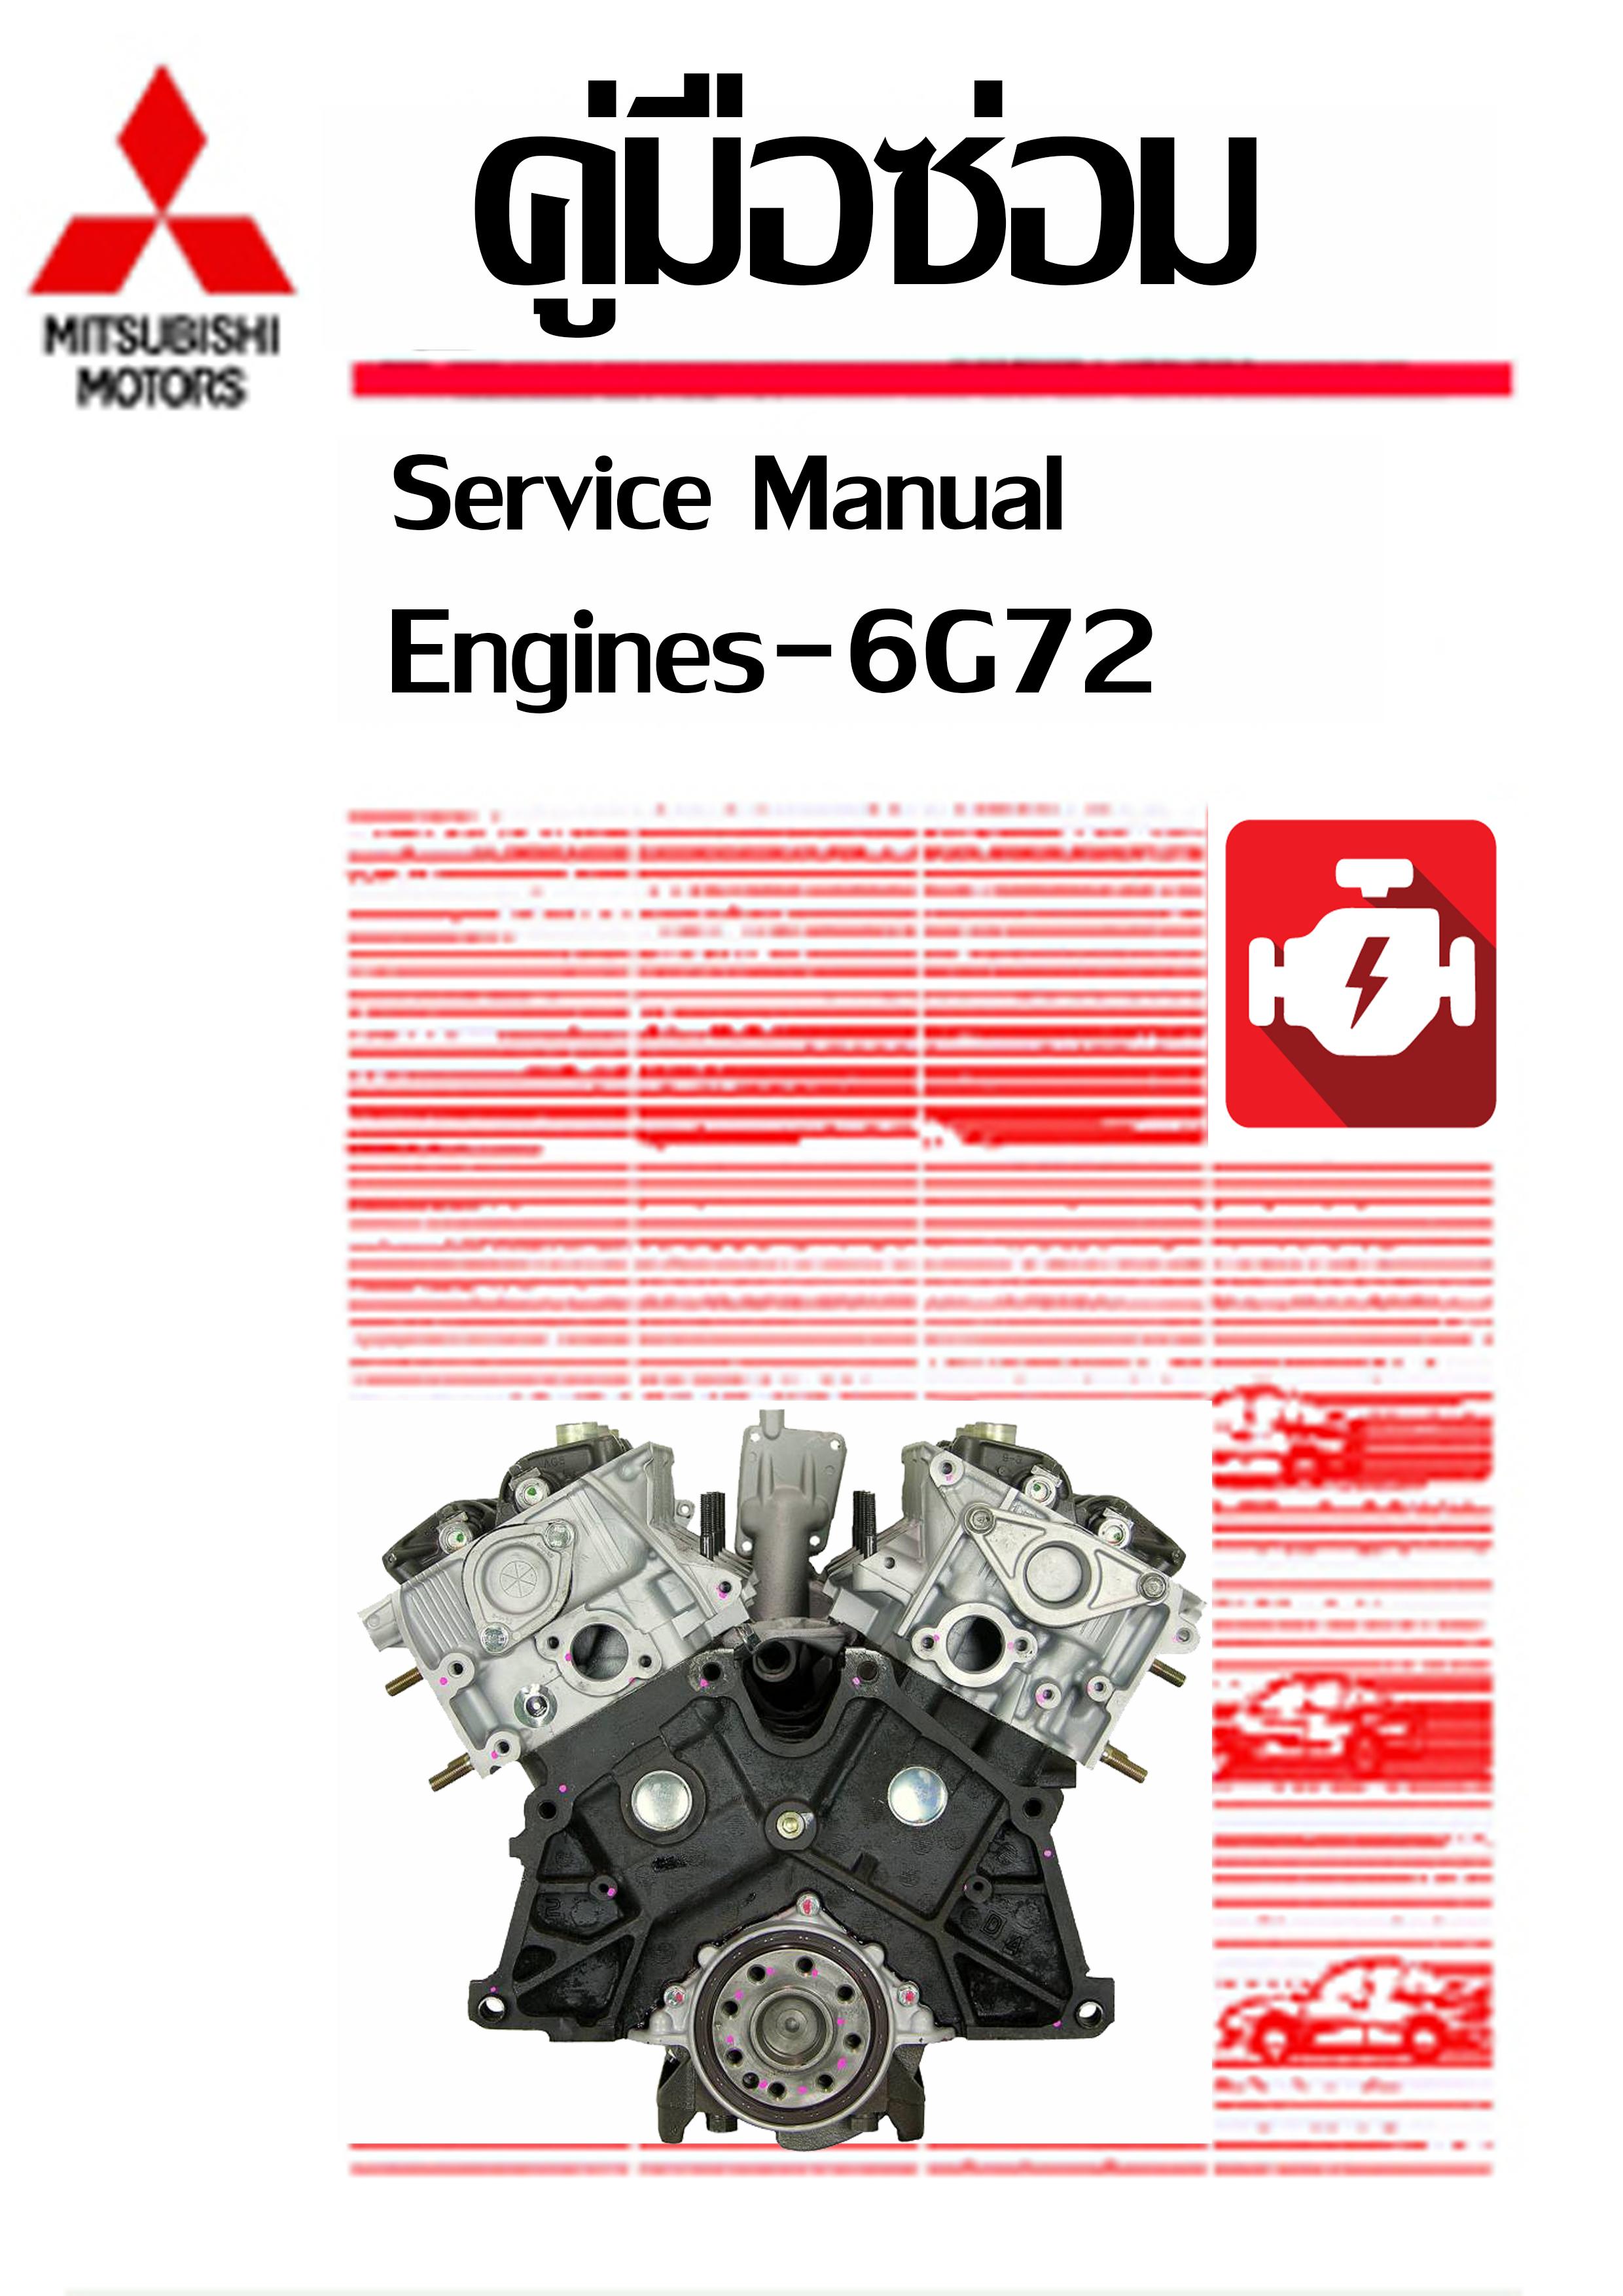 CD คู่มือซ่อมเครื่องยนต์ 6G72 หนังสือ ภาษาอังกฤษ